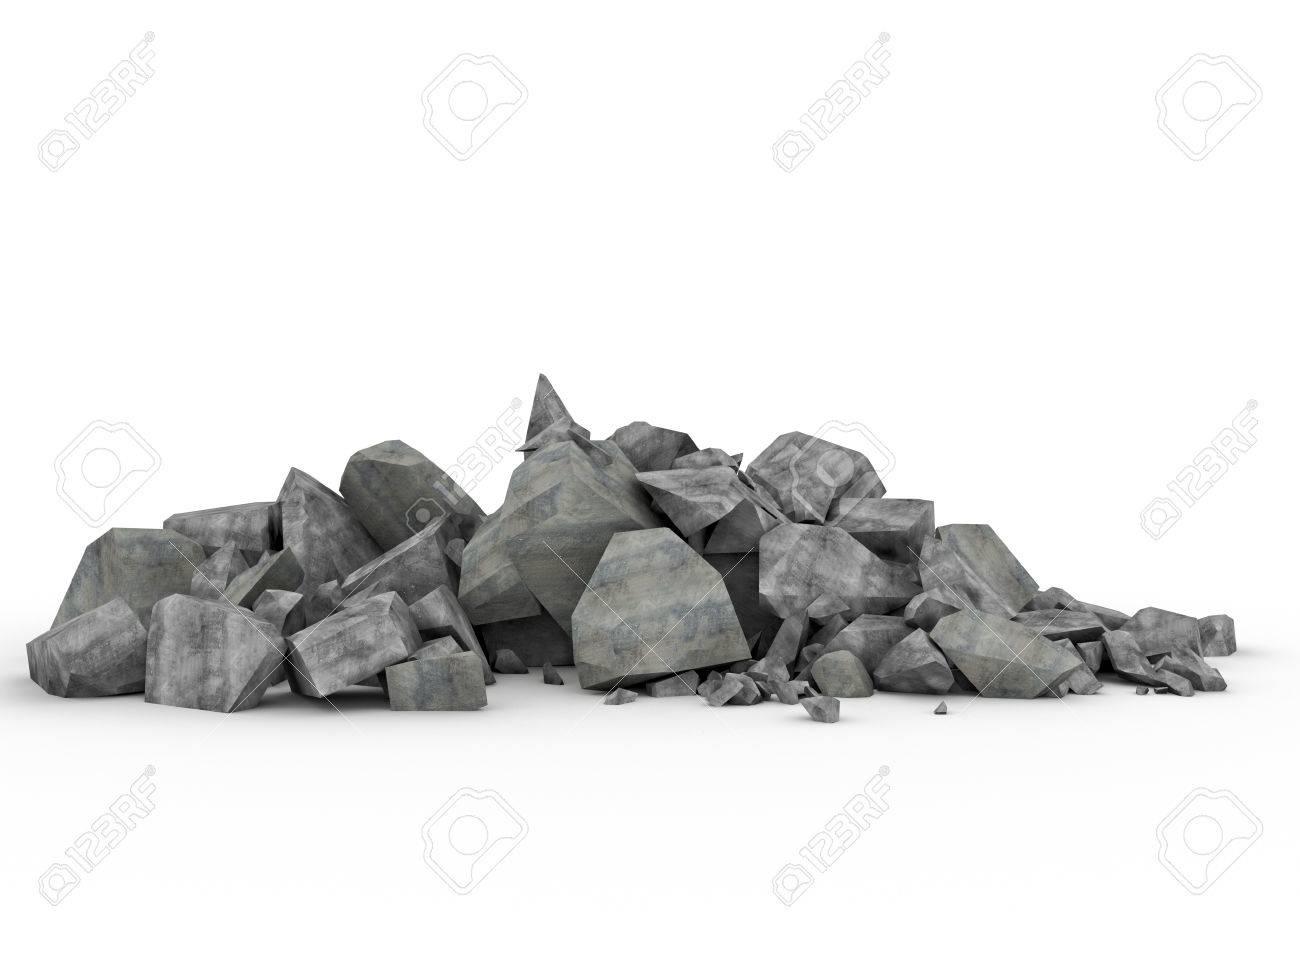 3d image of concrete rubble on white - 41152881